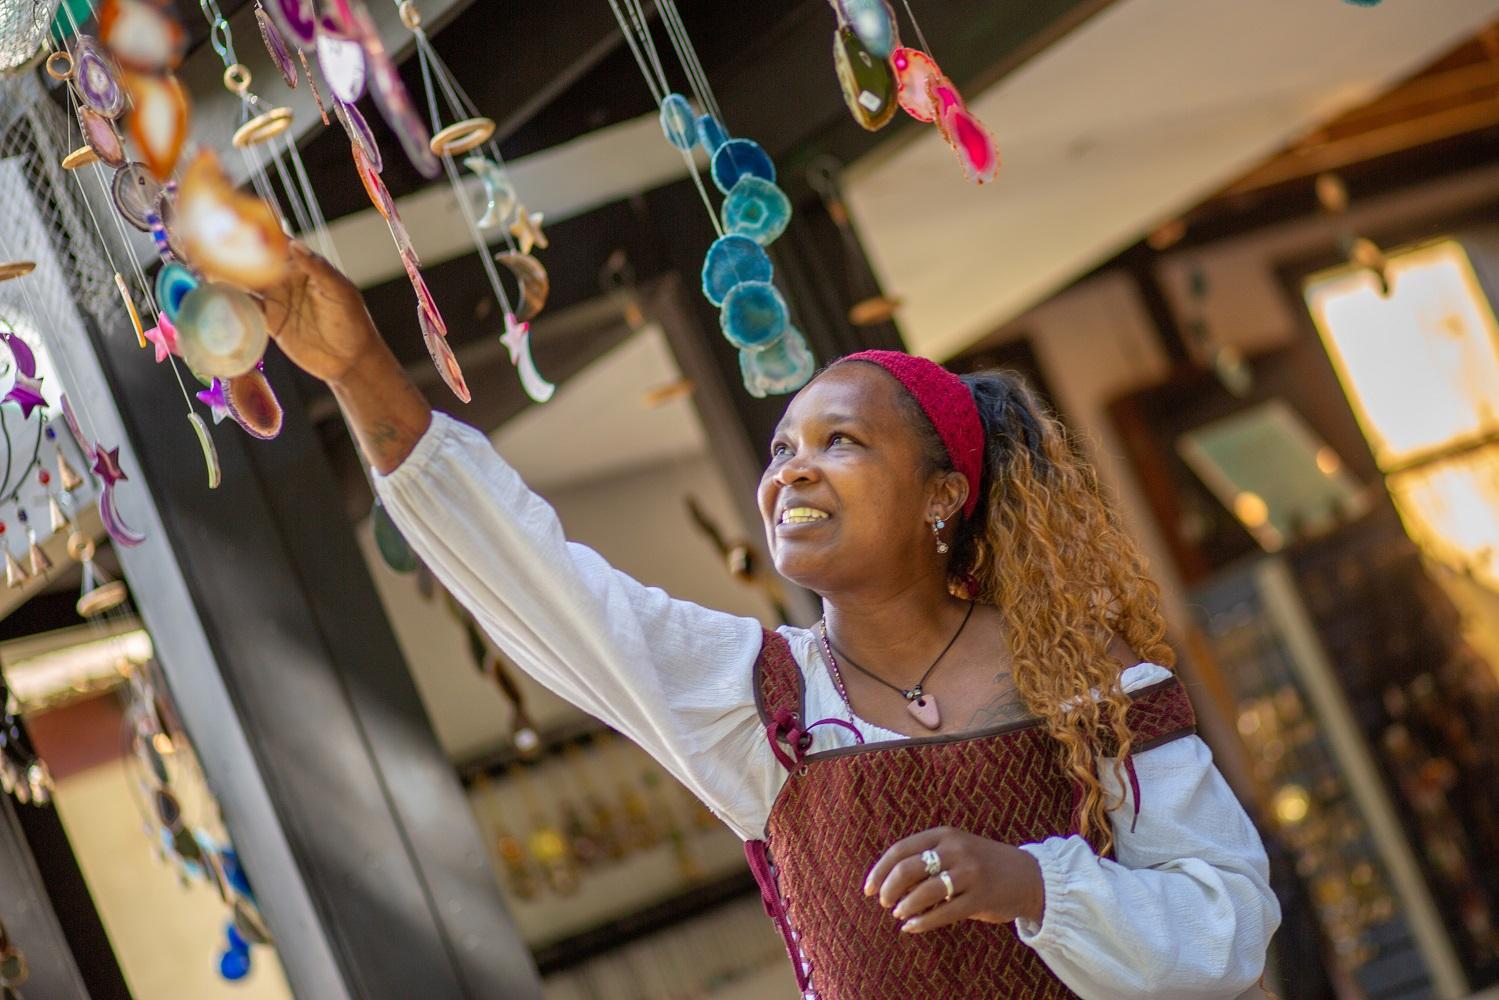 Bristol Renaissance Faire merchant vendor marketplace work the faire join us hiring